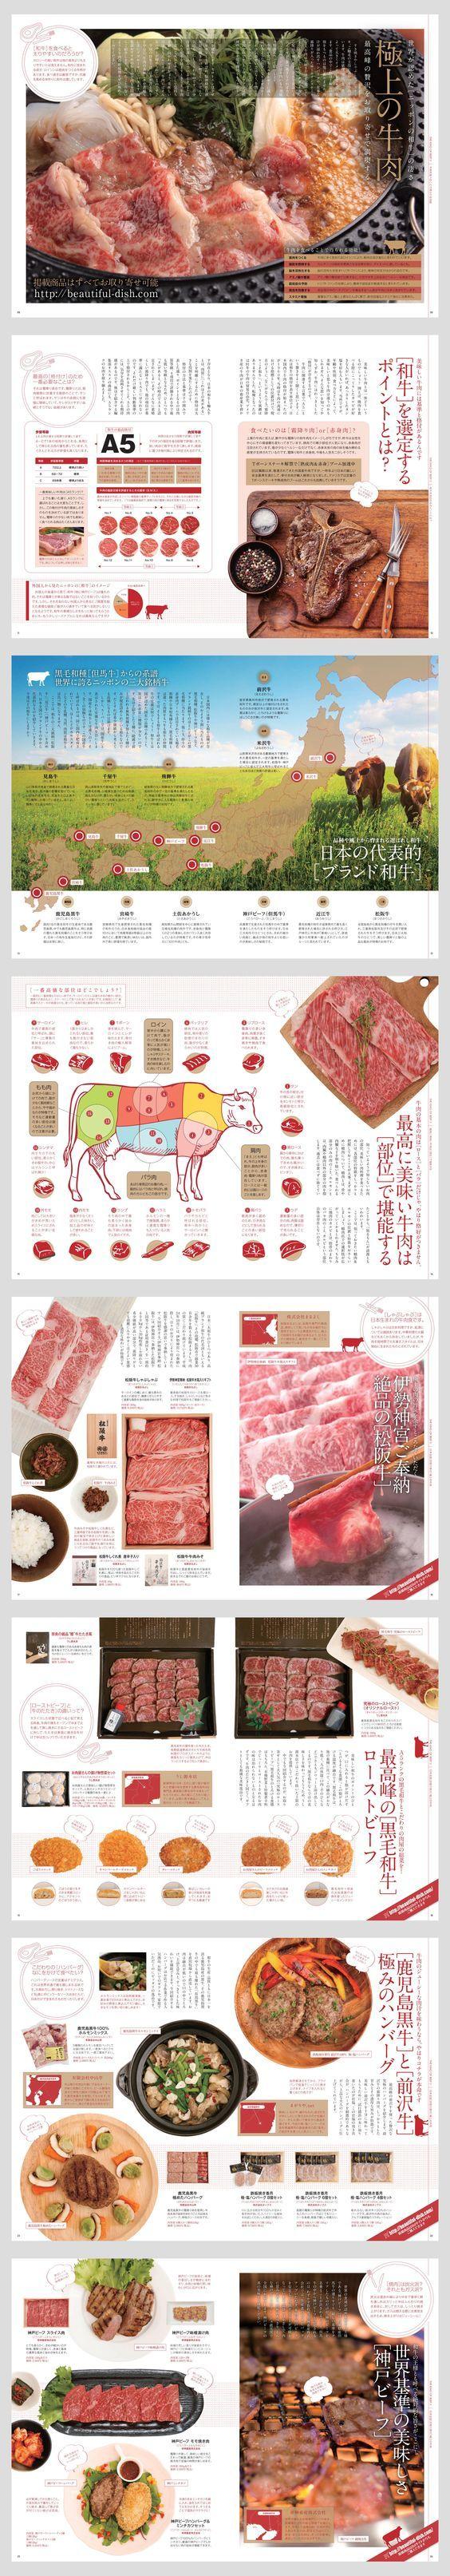 極上の牛肉: